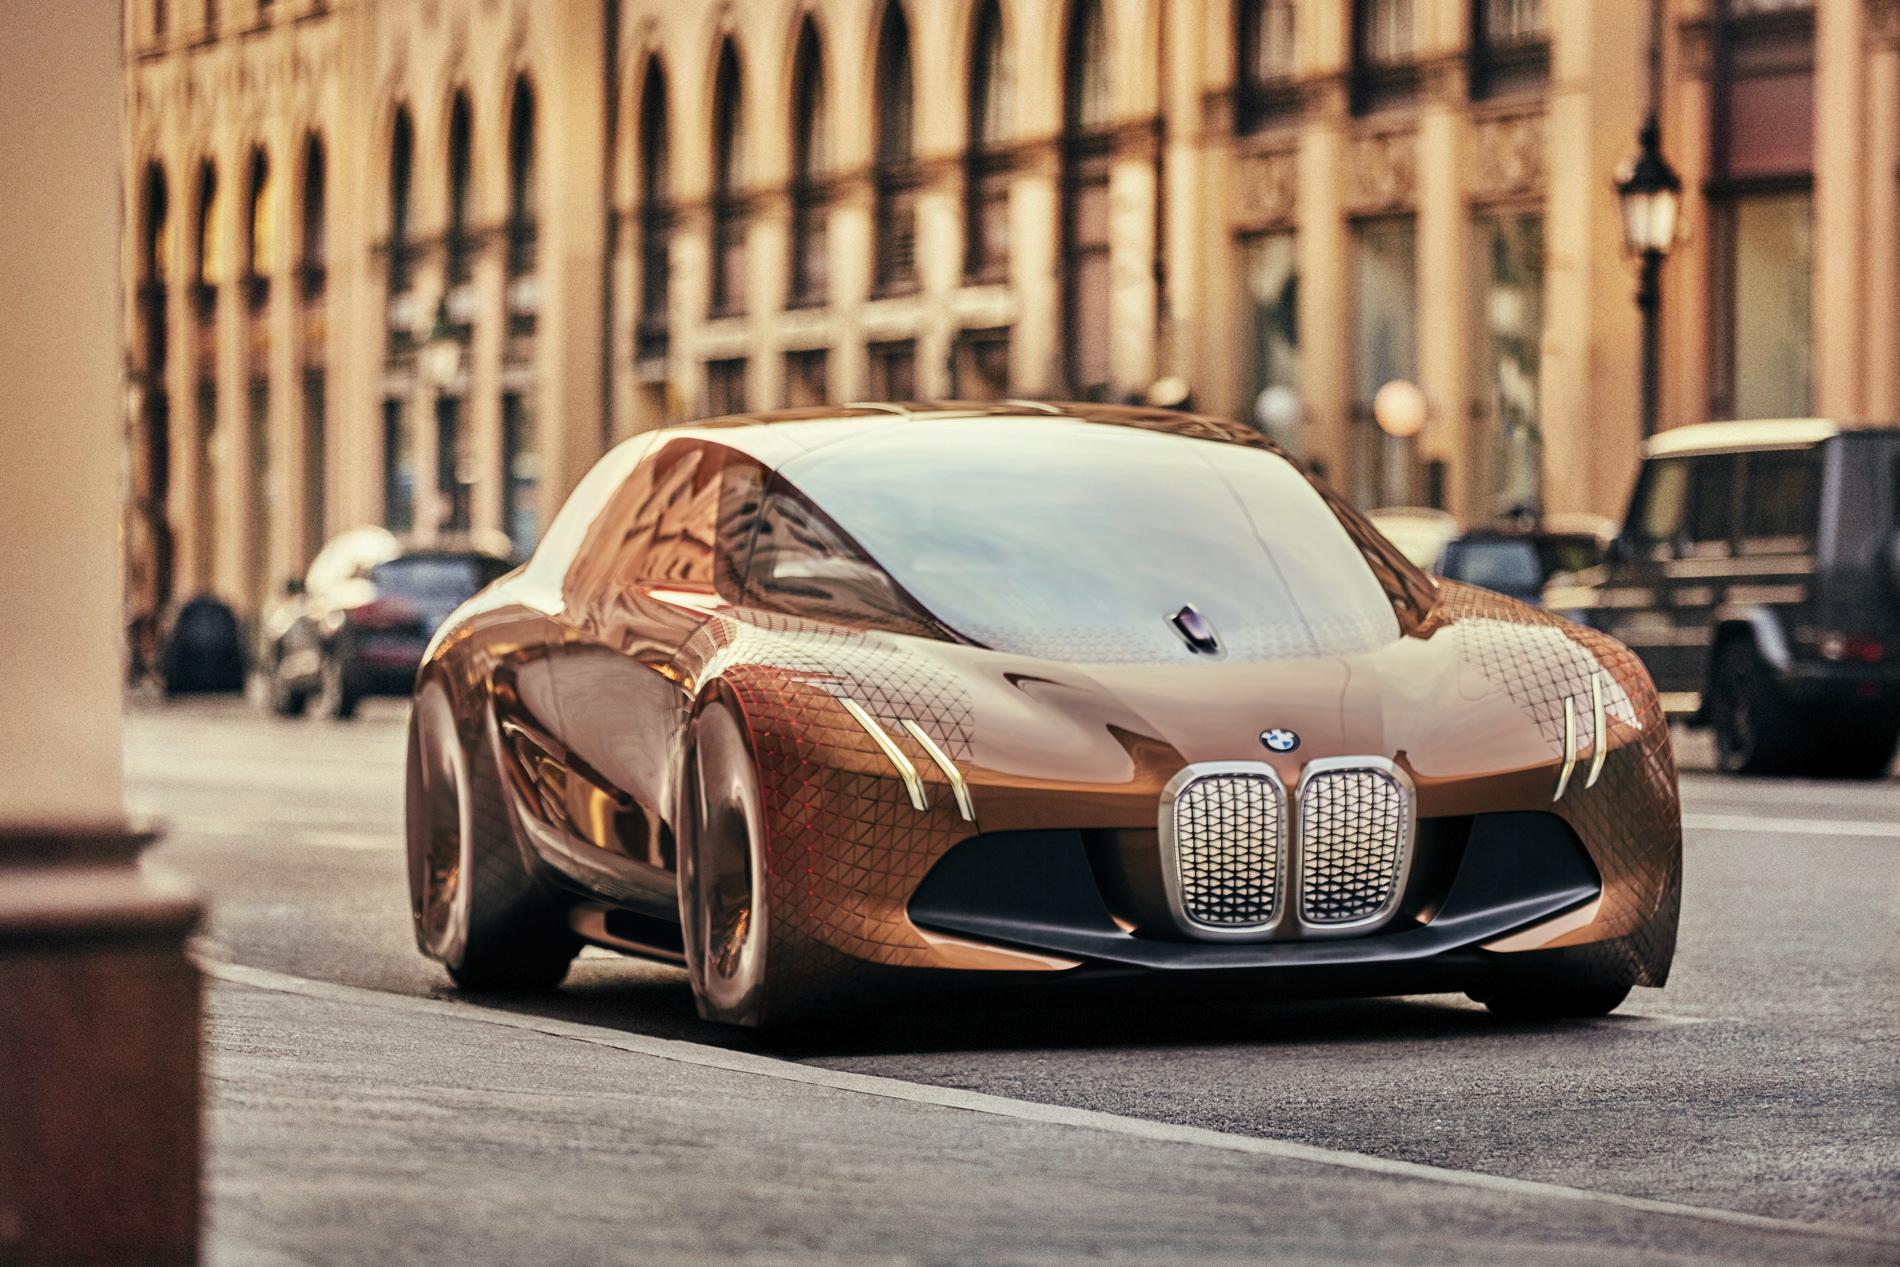 Беспилотные автомобили «будущего» будут сбивать пешеходов 1